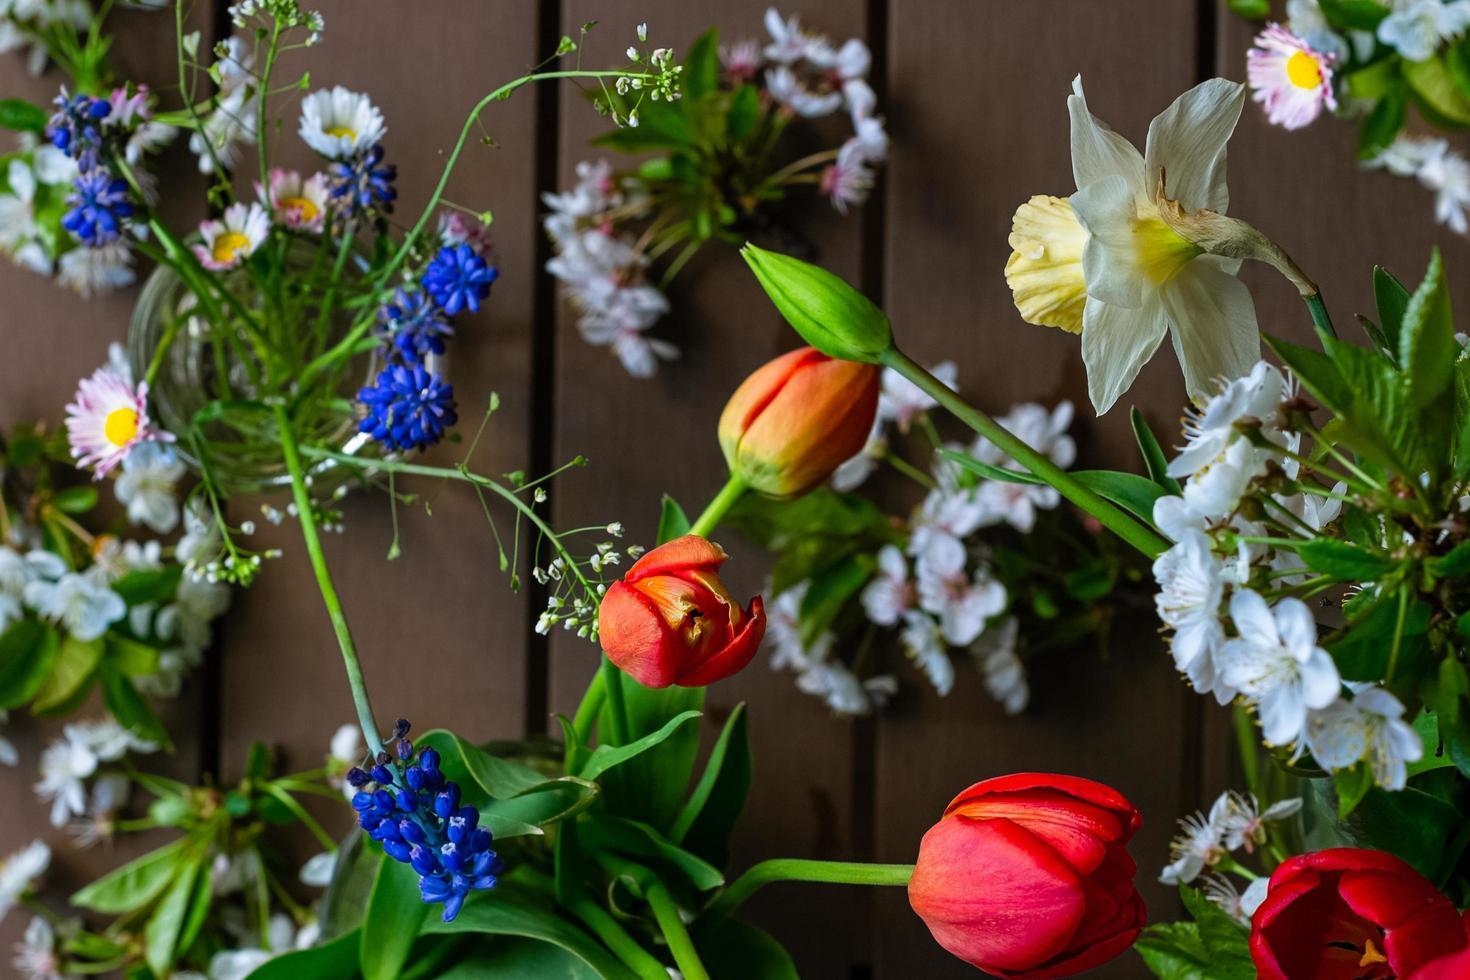 blommig bakgrund av röda tulpaner, fält tusenskönor, muscaris, påskliljor, körsbärsblommor foto